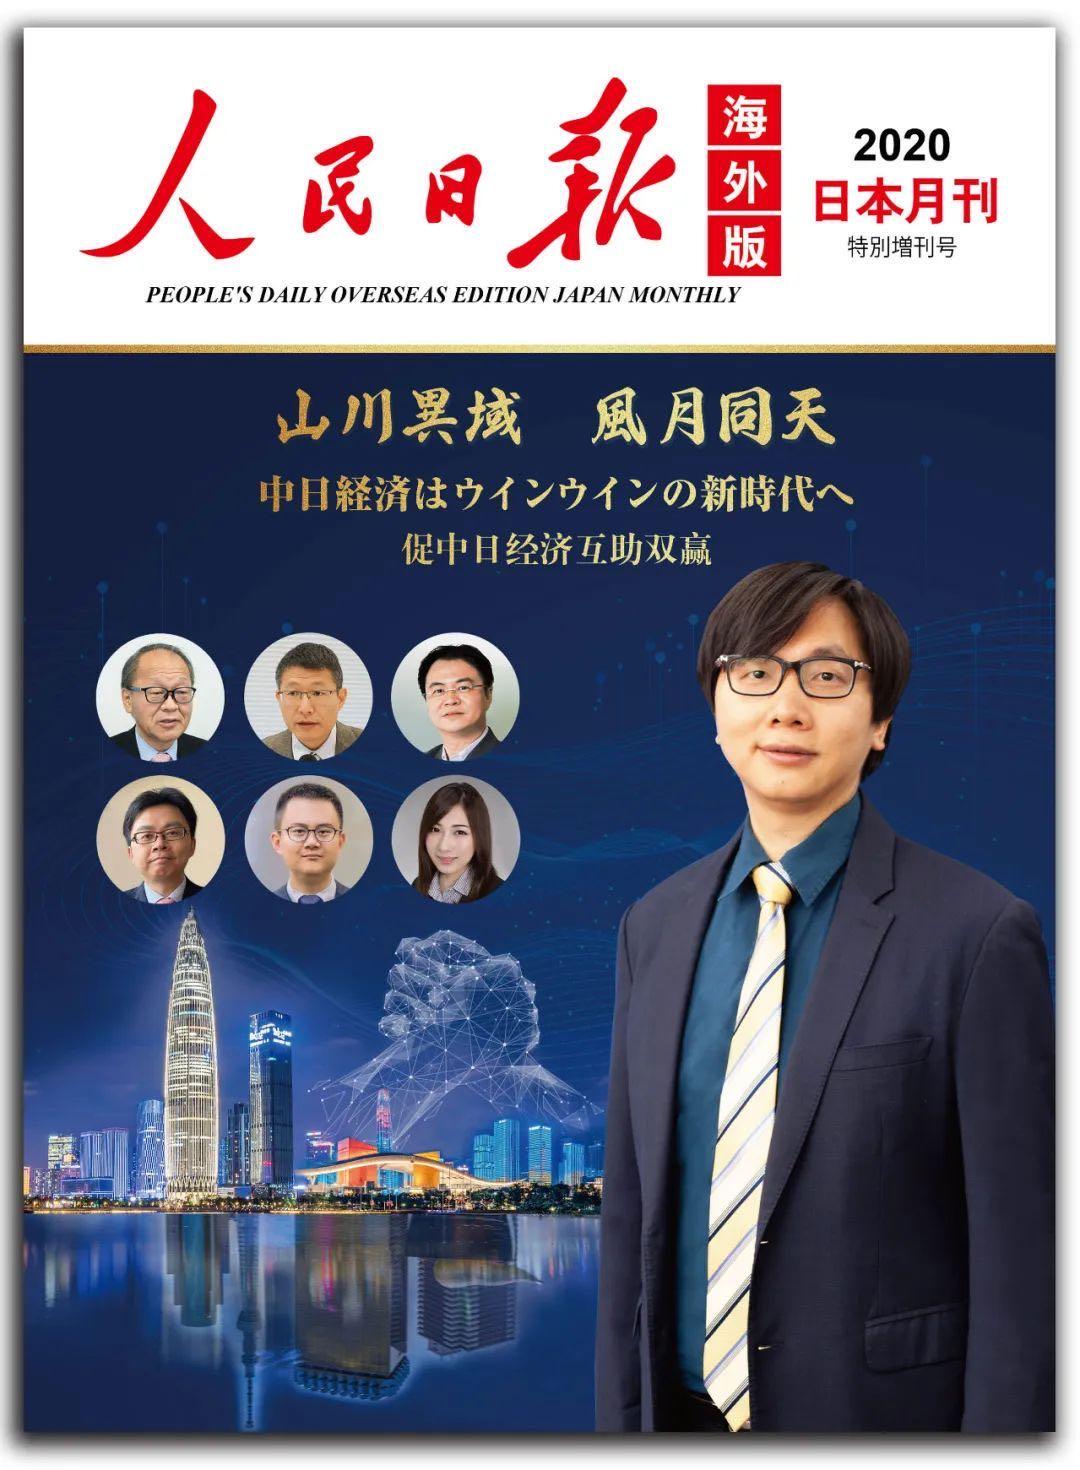 《人民日报海外版》日本月刊推出特别增刊号 促中日经济互助双赢